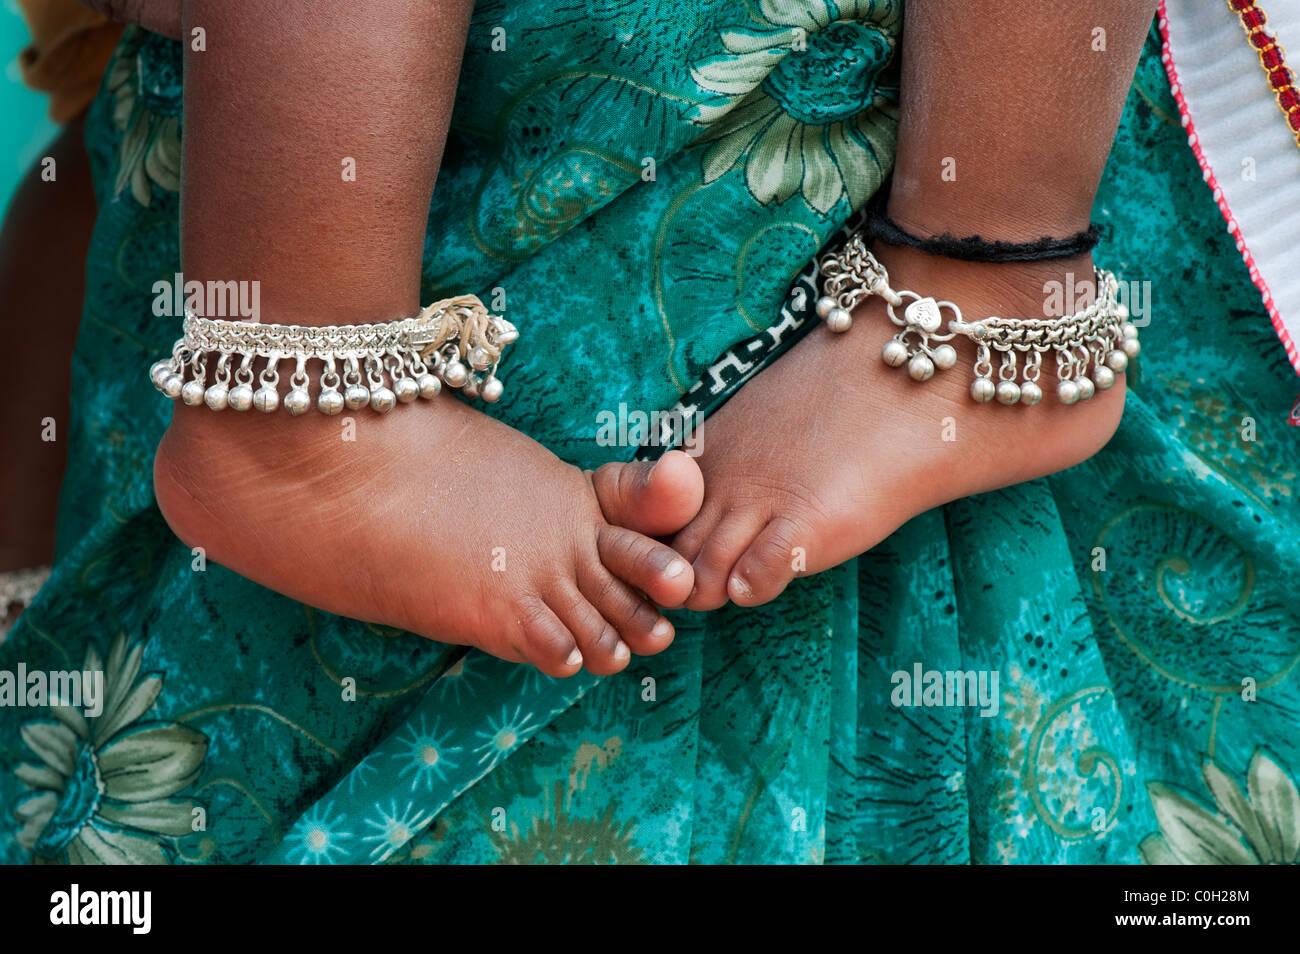 Indische Kinder barfuß gegen Mütter grün floral sari Stockfoto